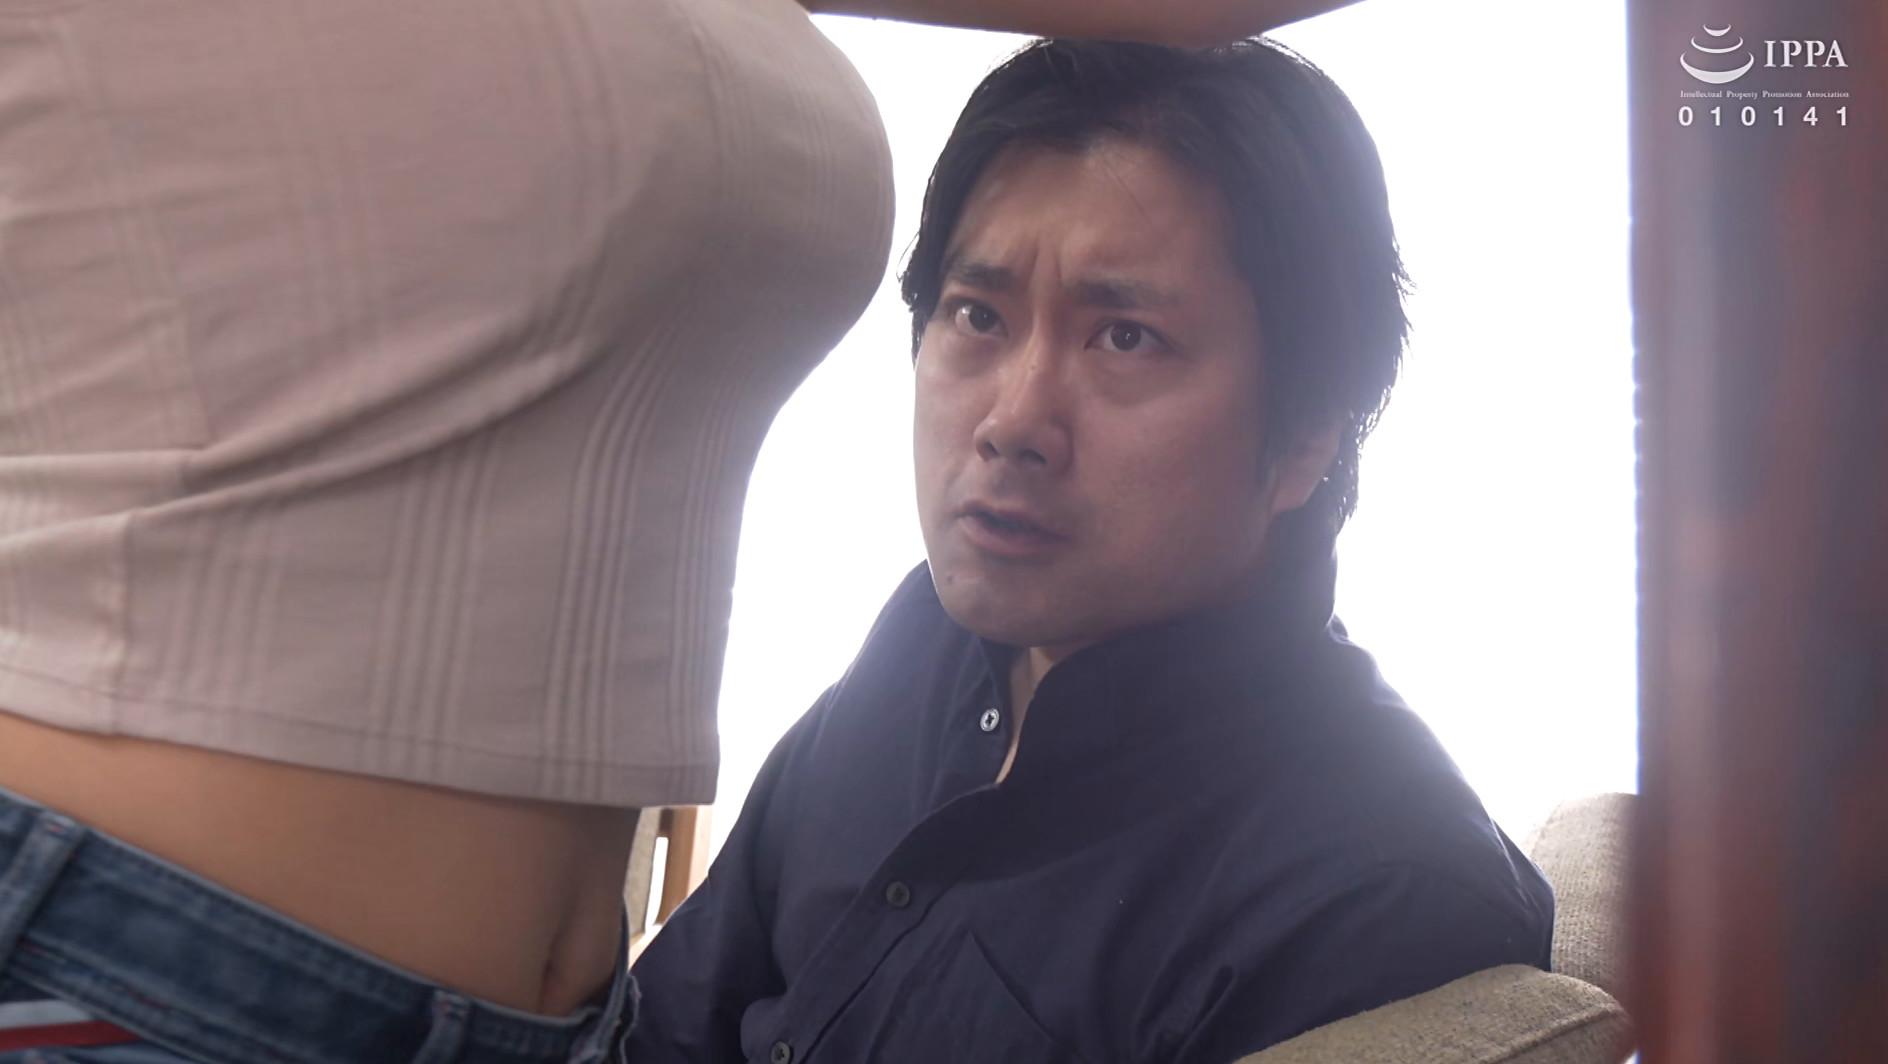 偶然見てしまったおばさんの裸体が目に焼き付いて・・・あの日からおばさんが服を着ていても全裸に見えてしまう僕 小早川怜子 画像5